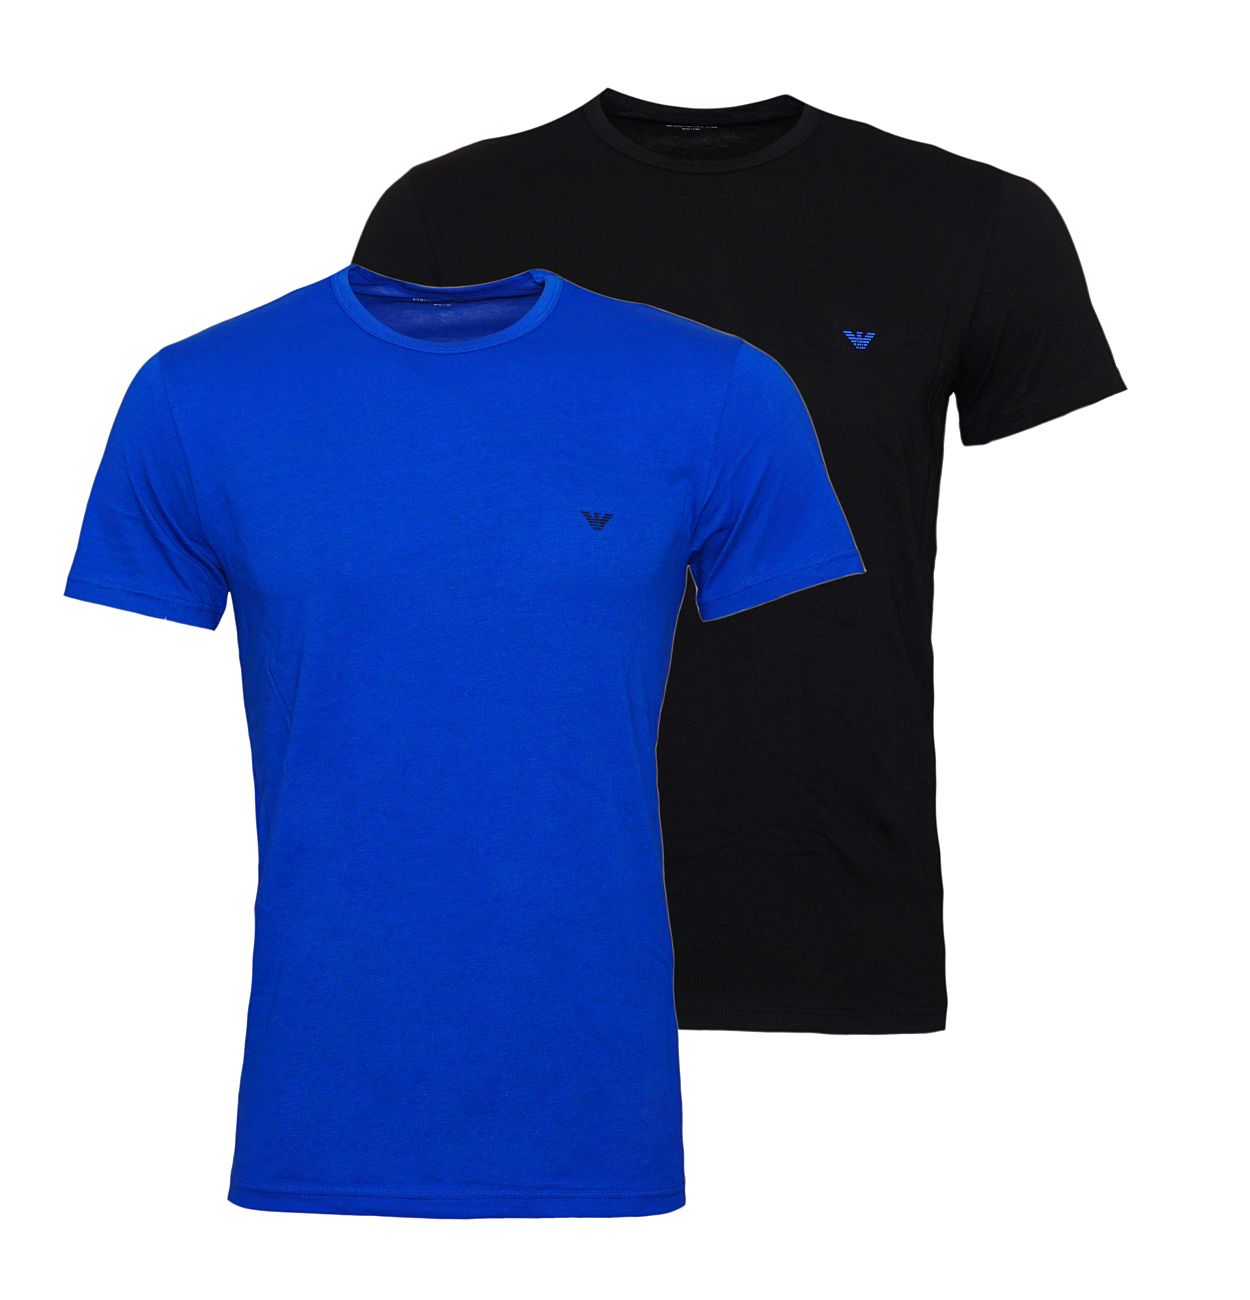 Emporio Armani 2er Pack T-Shirt Rundhals 111267 8A722 59920 NERO/MAZARINE WX18-EAT